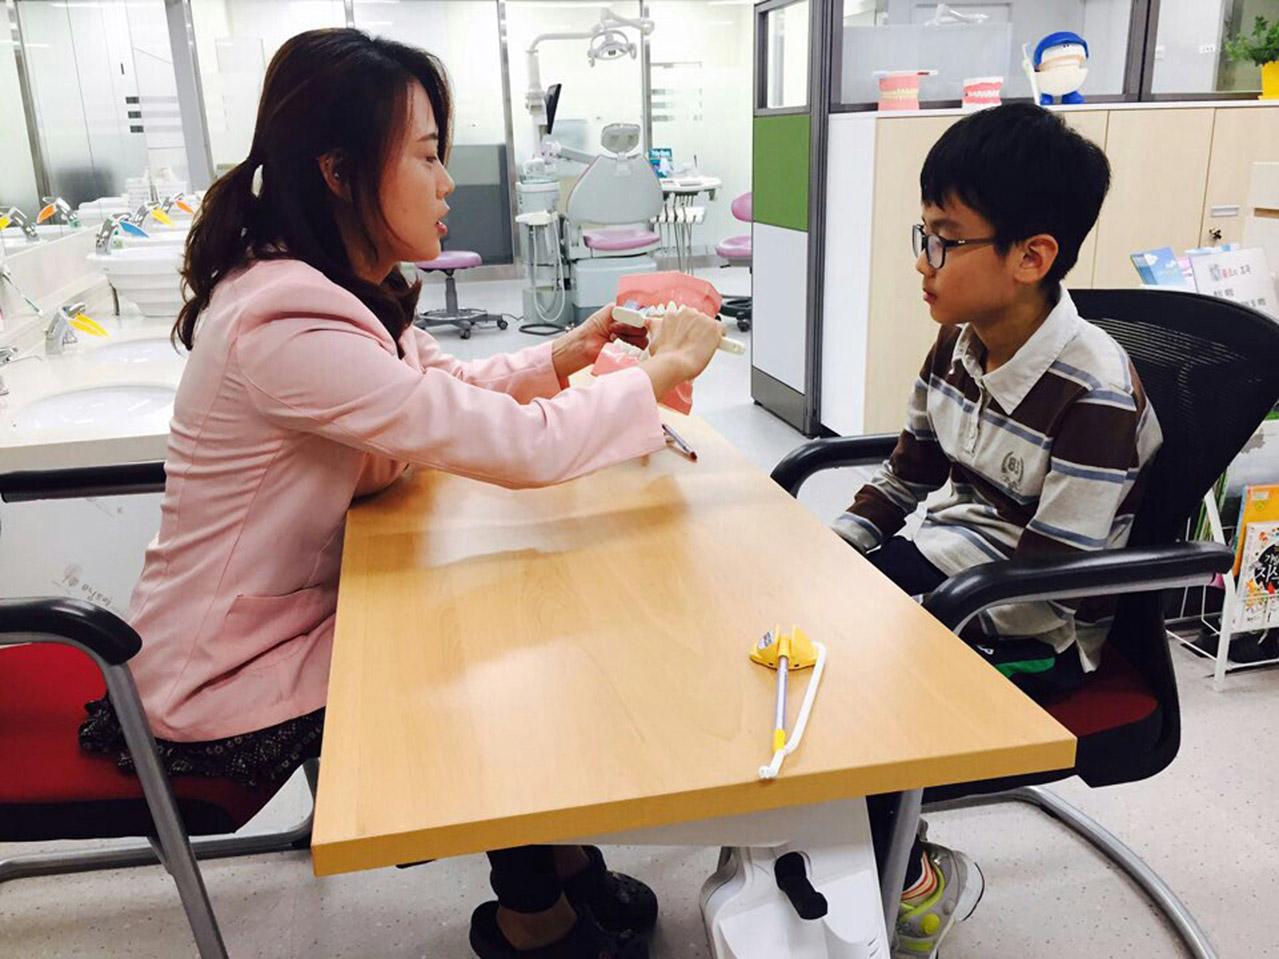 수정구보건소에서 초교 4학년생이 치과주치의 구강 교육 받고 있는 모습